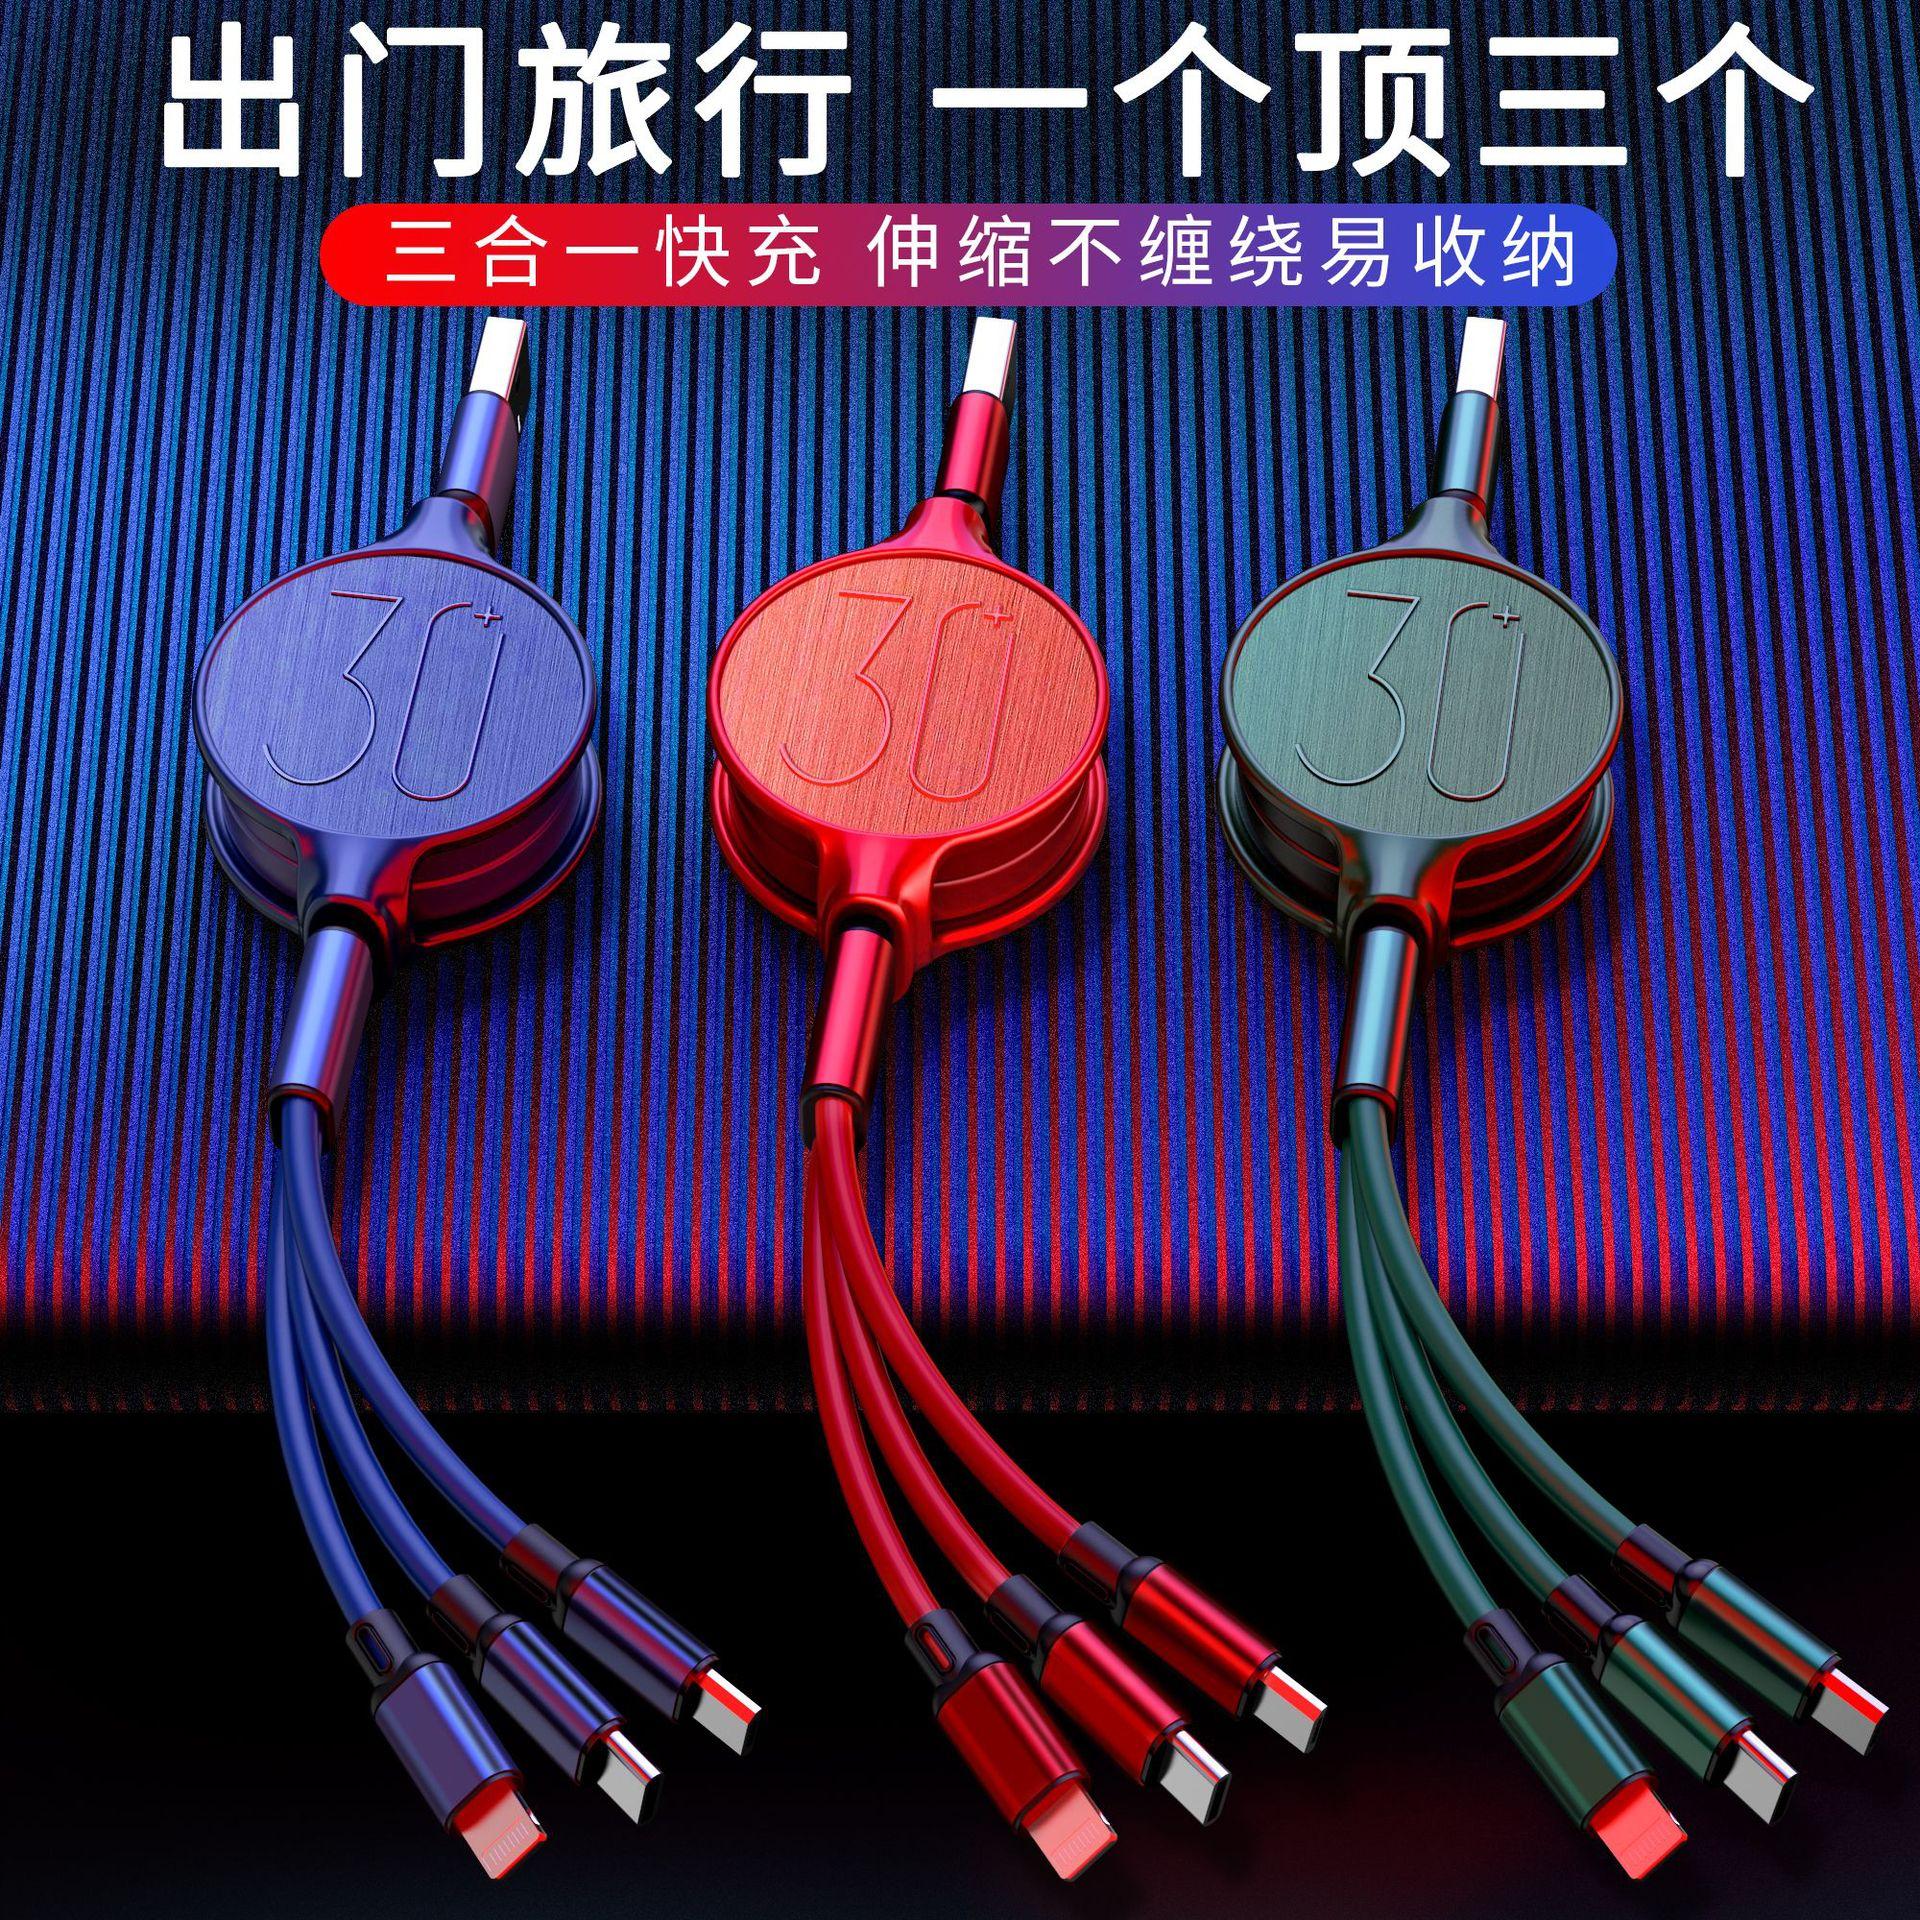 タオバオ仕入れ代行-ibuy99 安卓手机 三合一数据线适用于安卓苹果type-c快充线车载手机充电线礼品